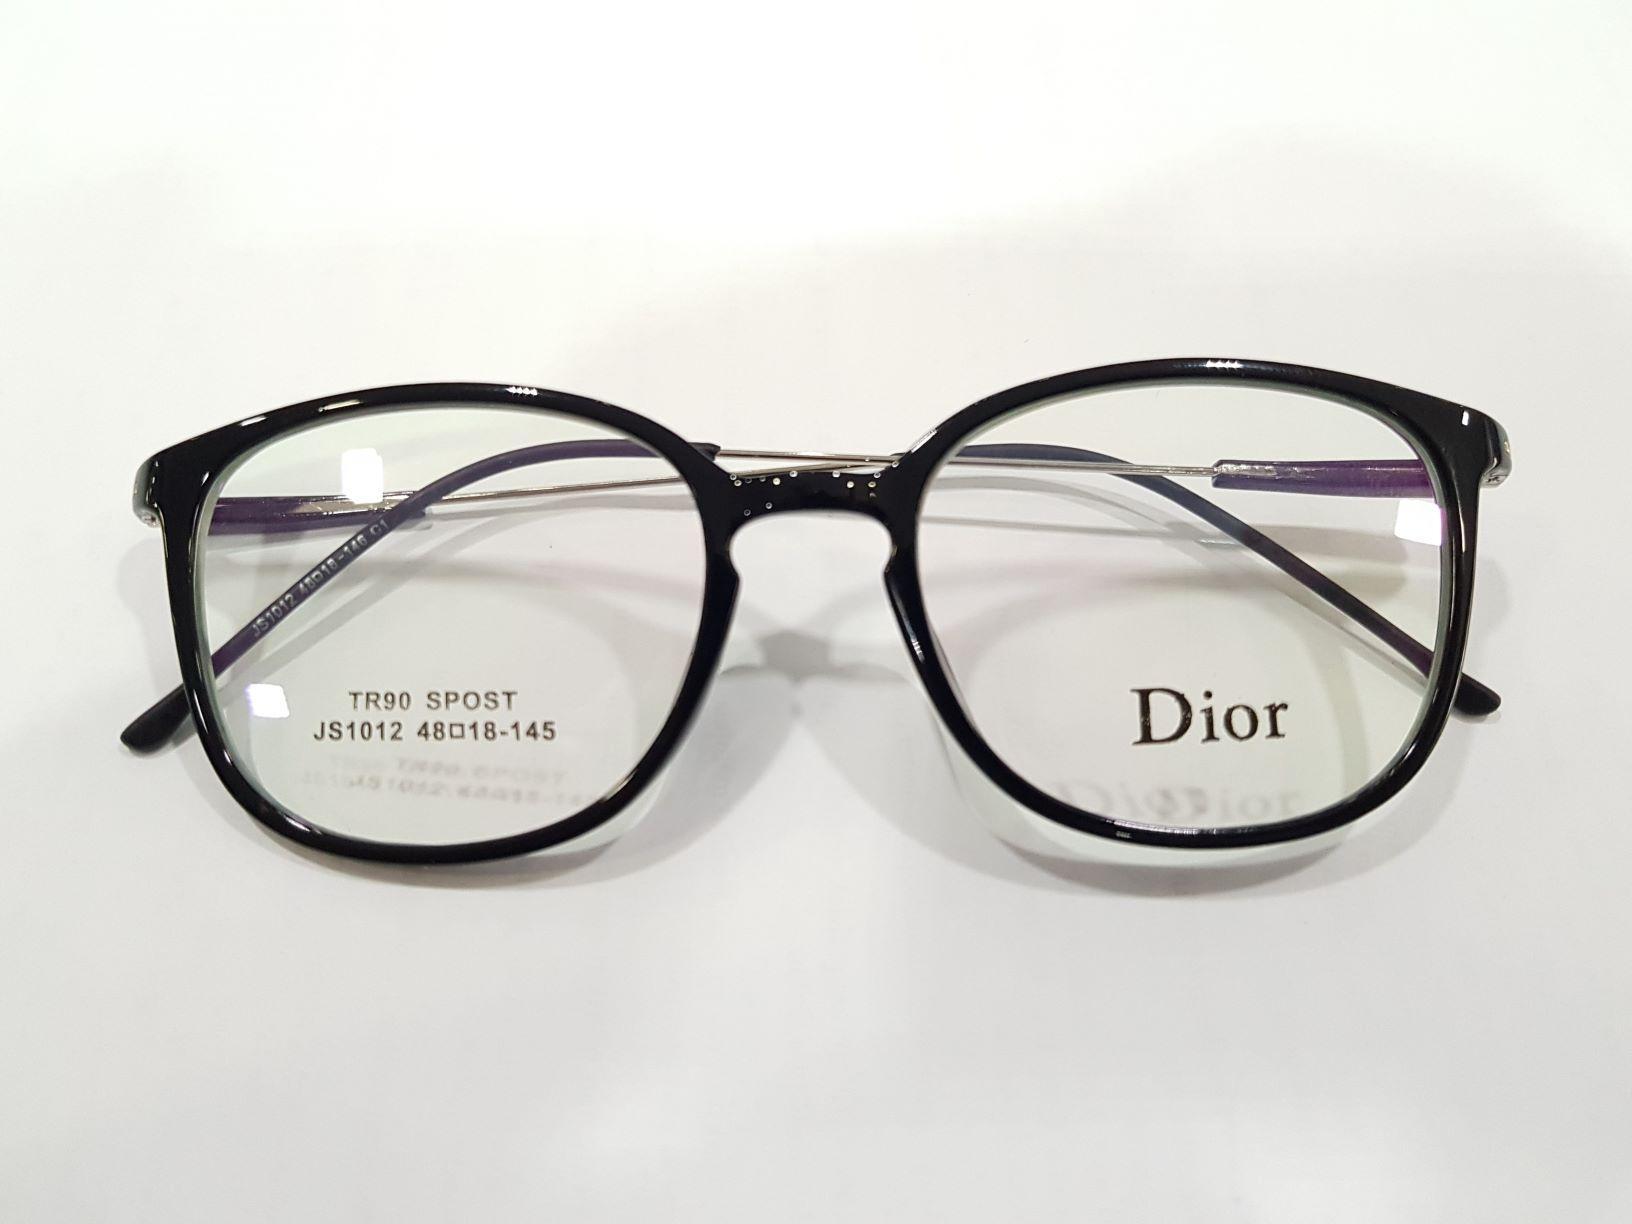 Frame kacamata Dior + lensa minus anti radiasi 8e06149ac5